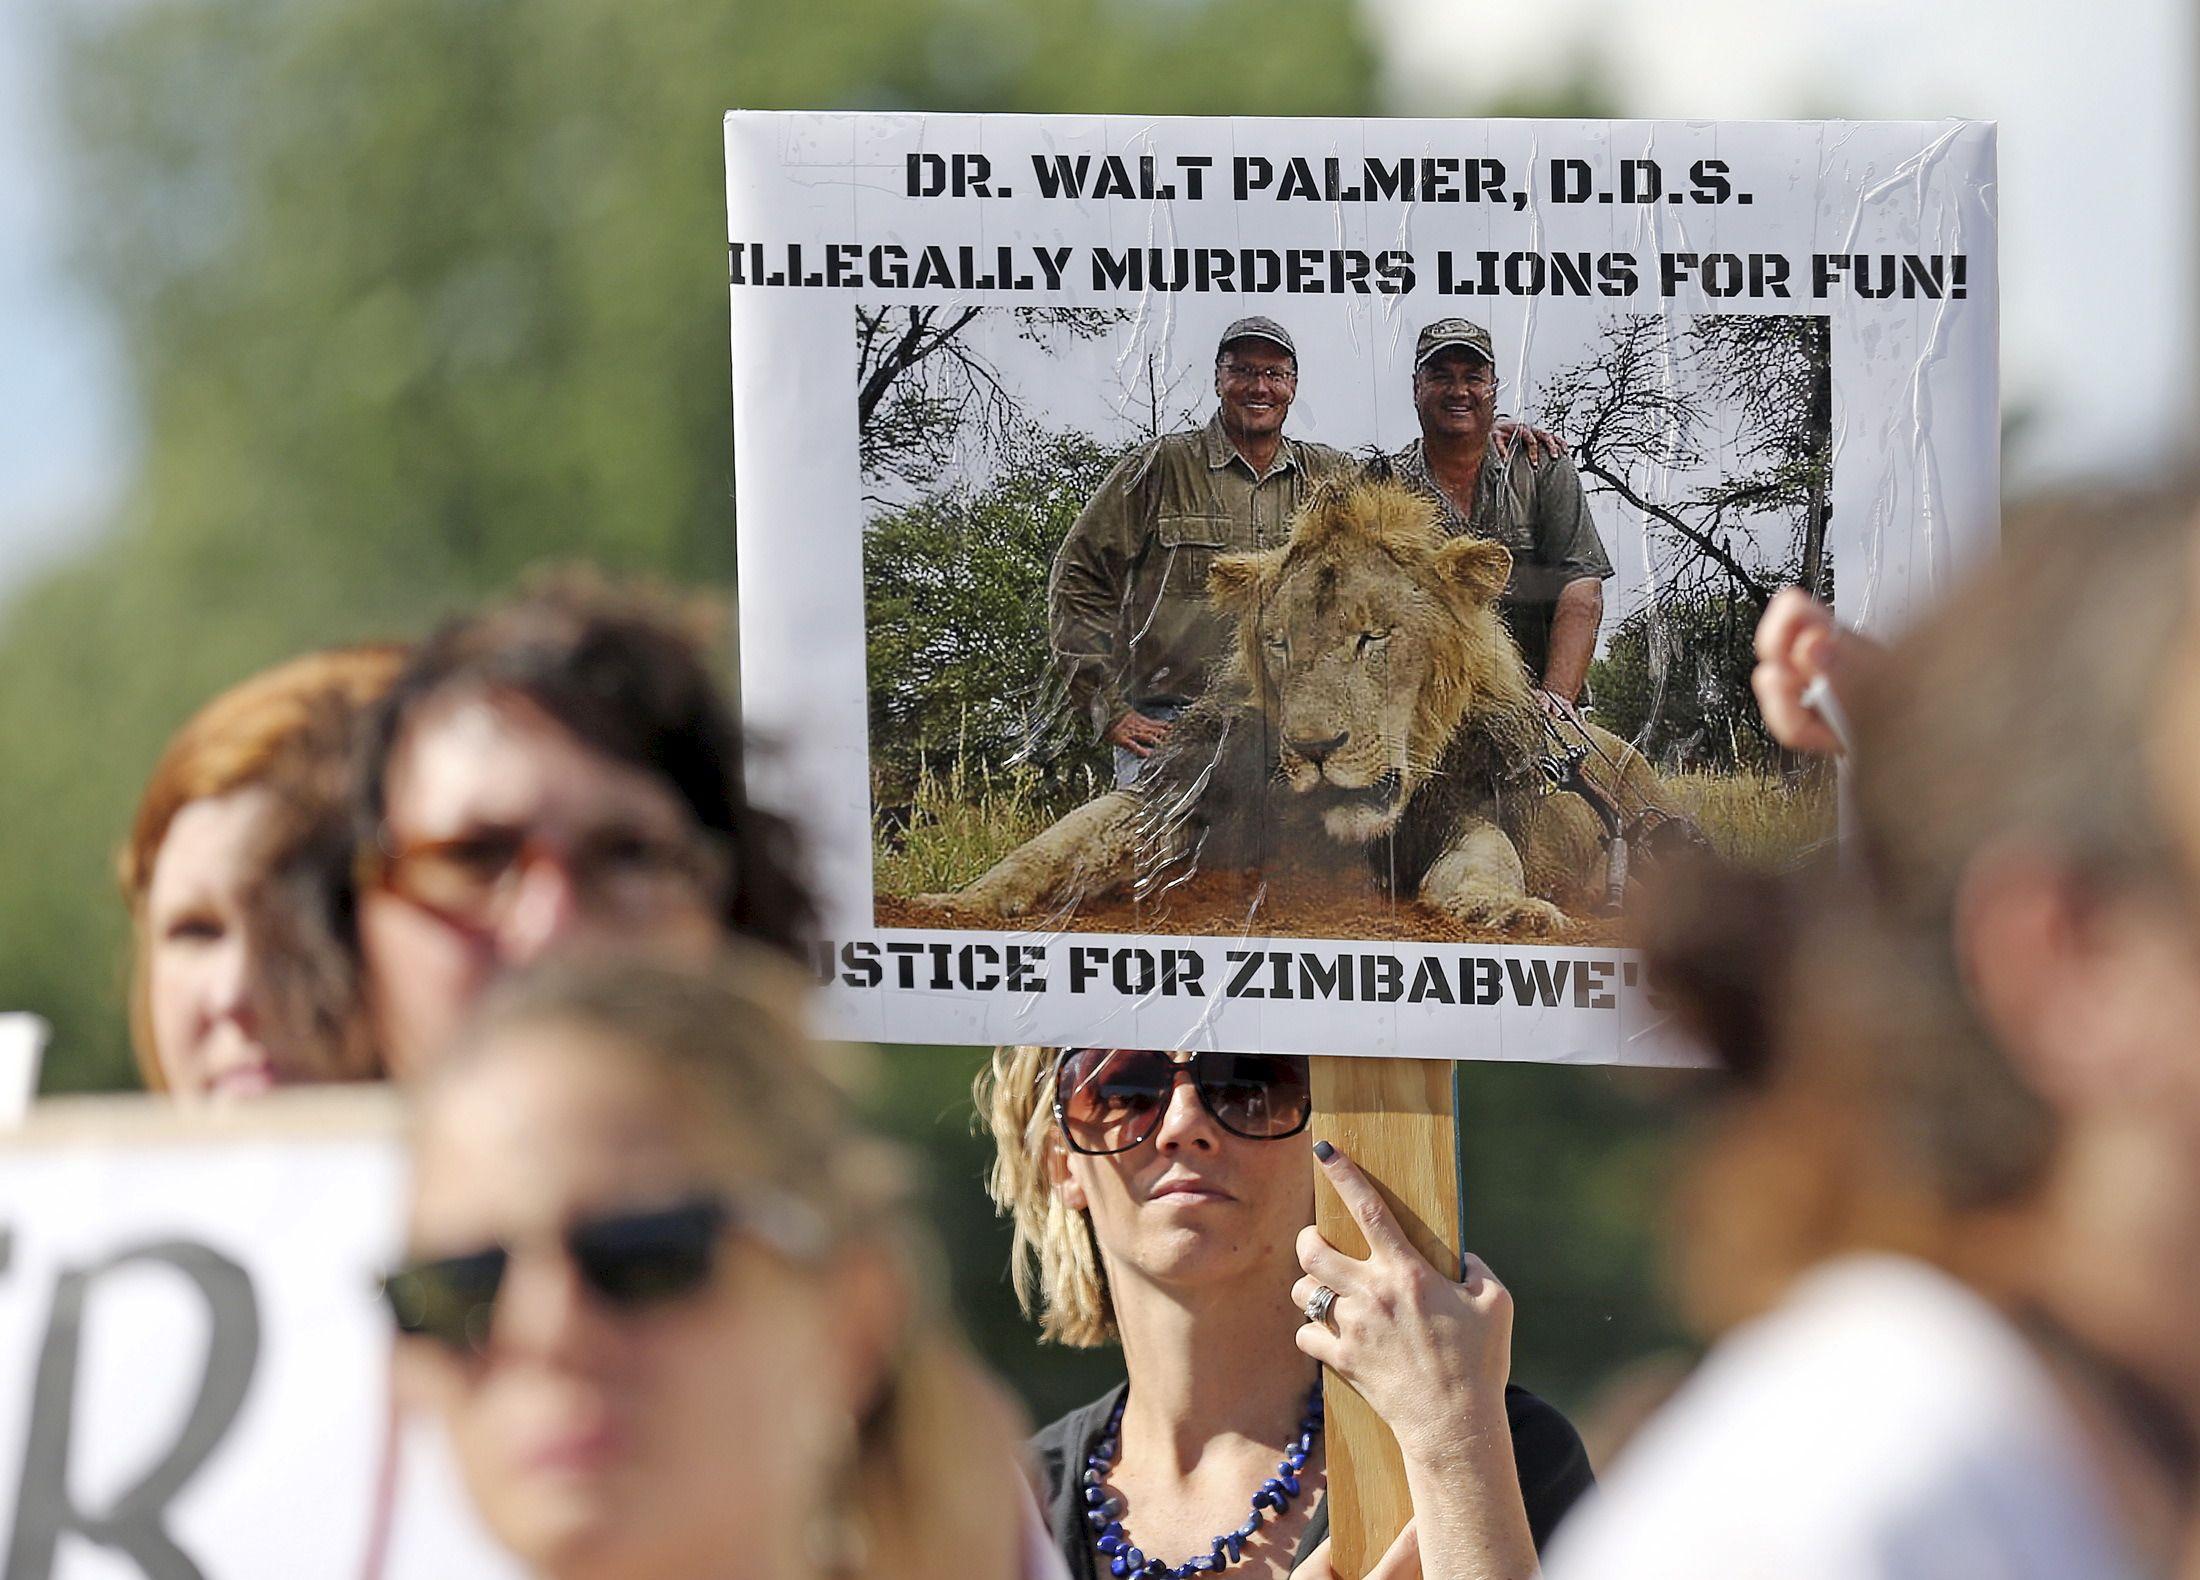 De quoi Cecil (le lion) est-il le nom ? De notre indifférence !